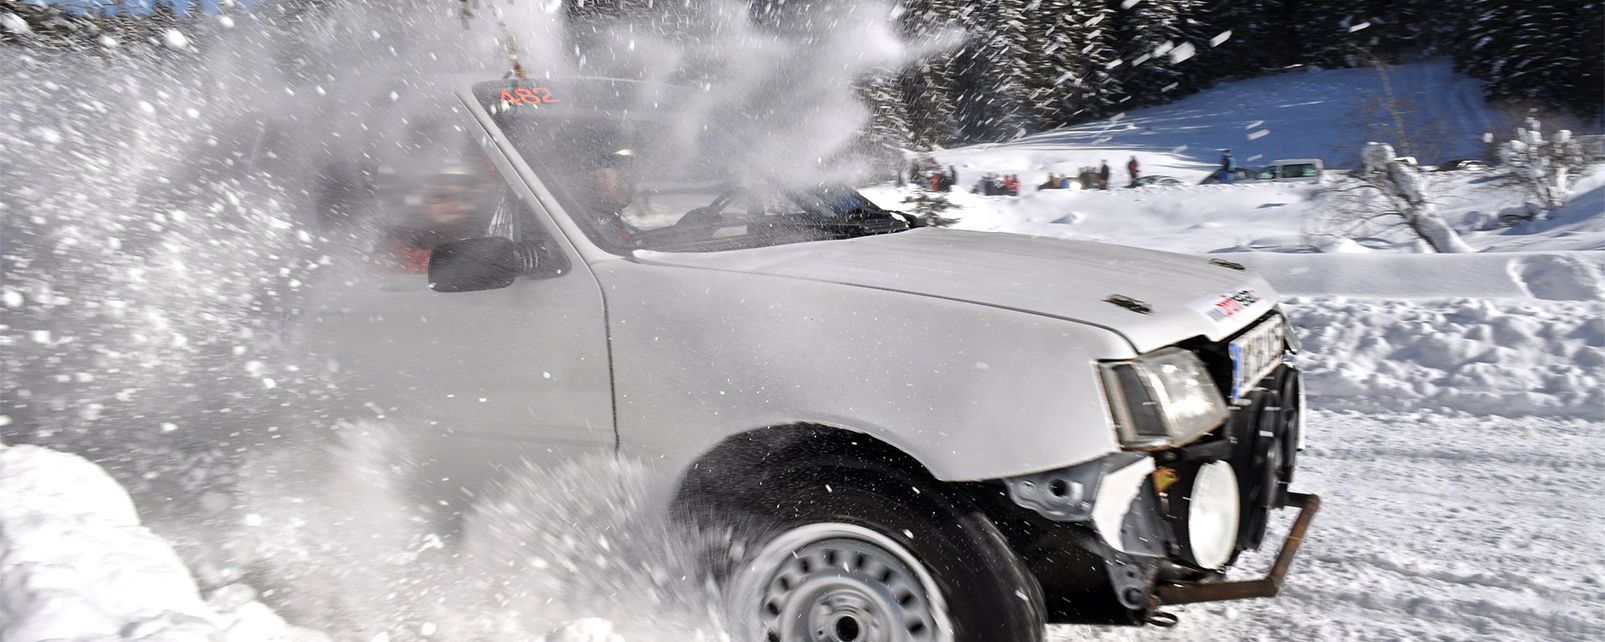 Rallye sur neige , Terre de rallye , Finlande